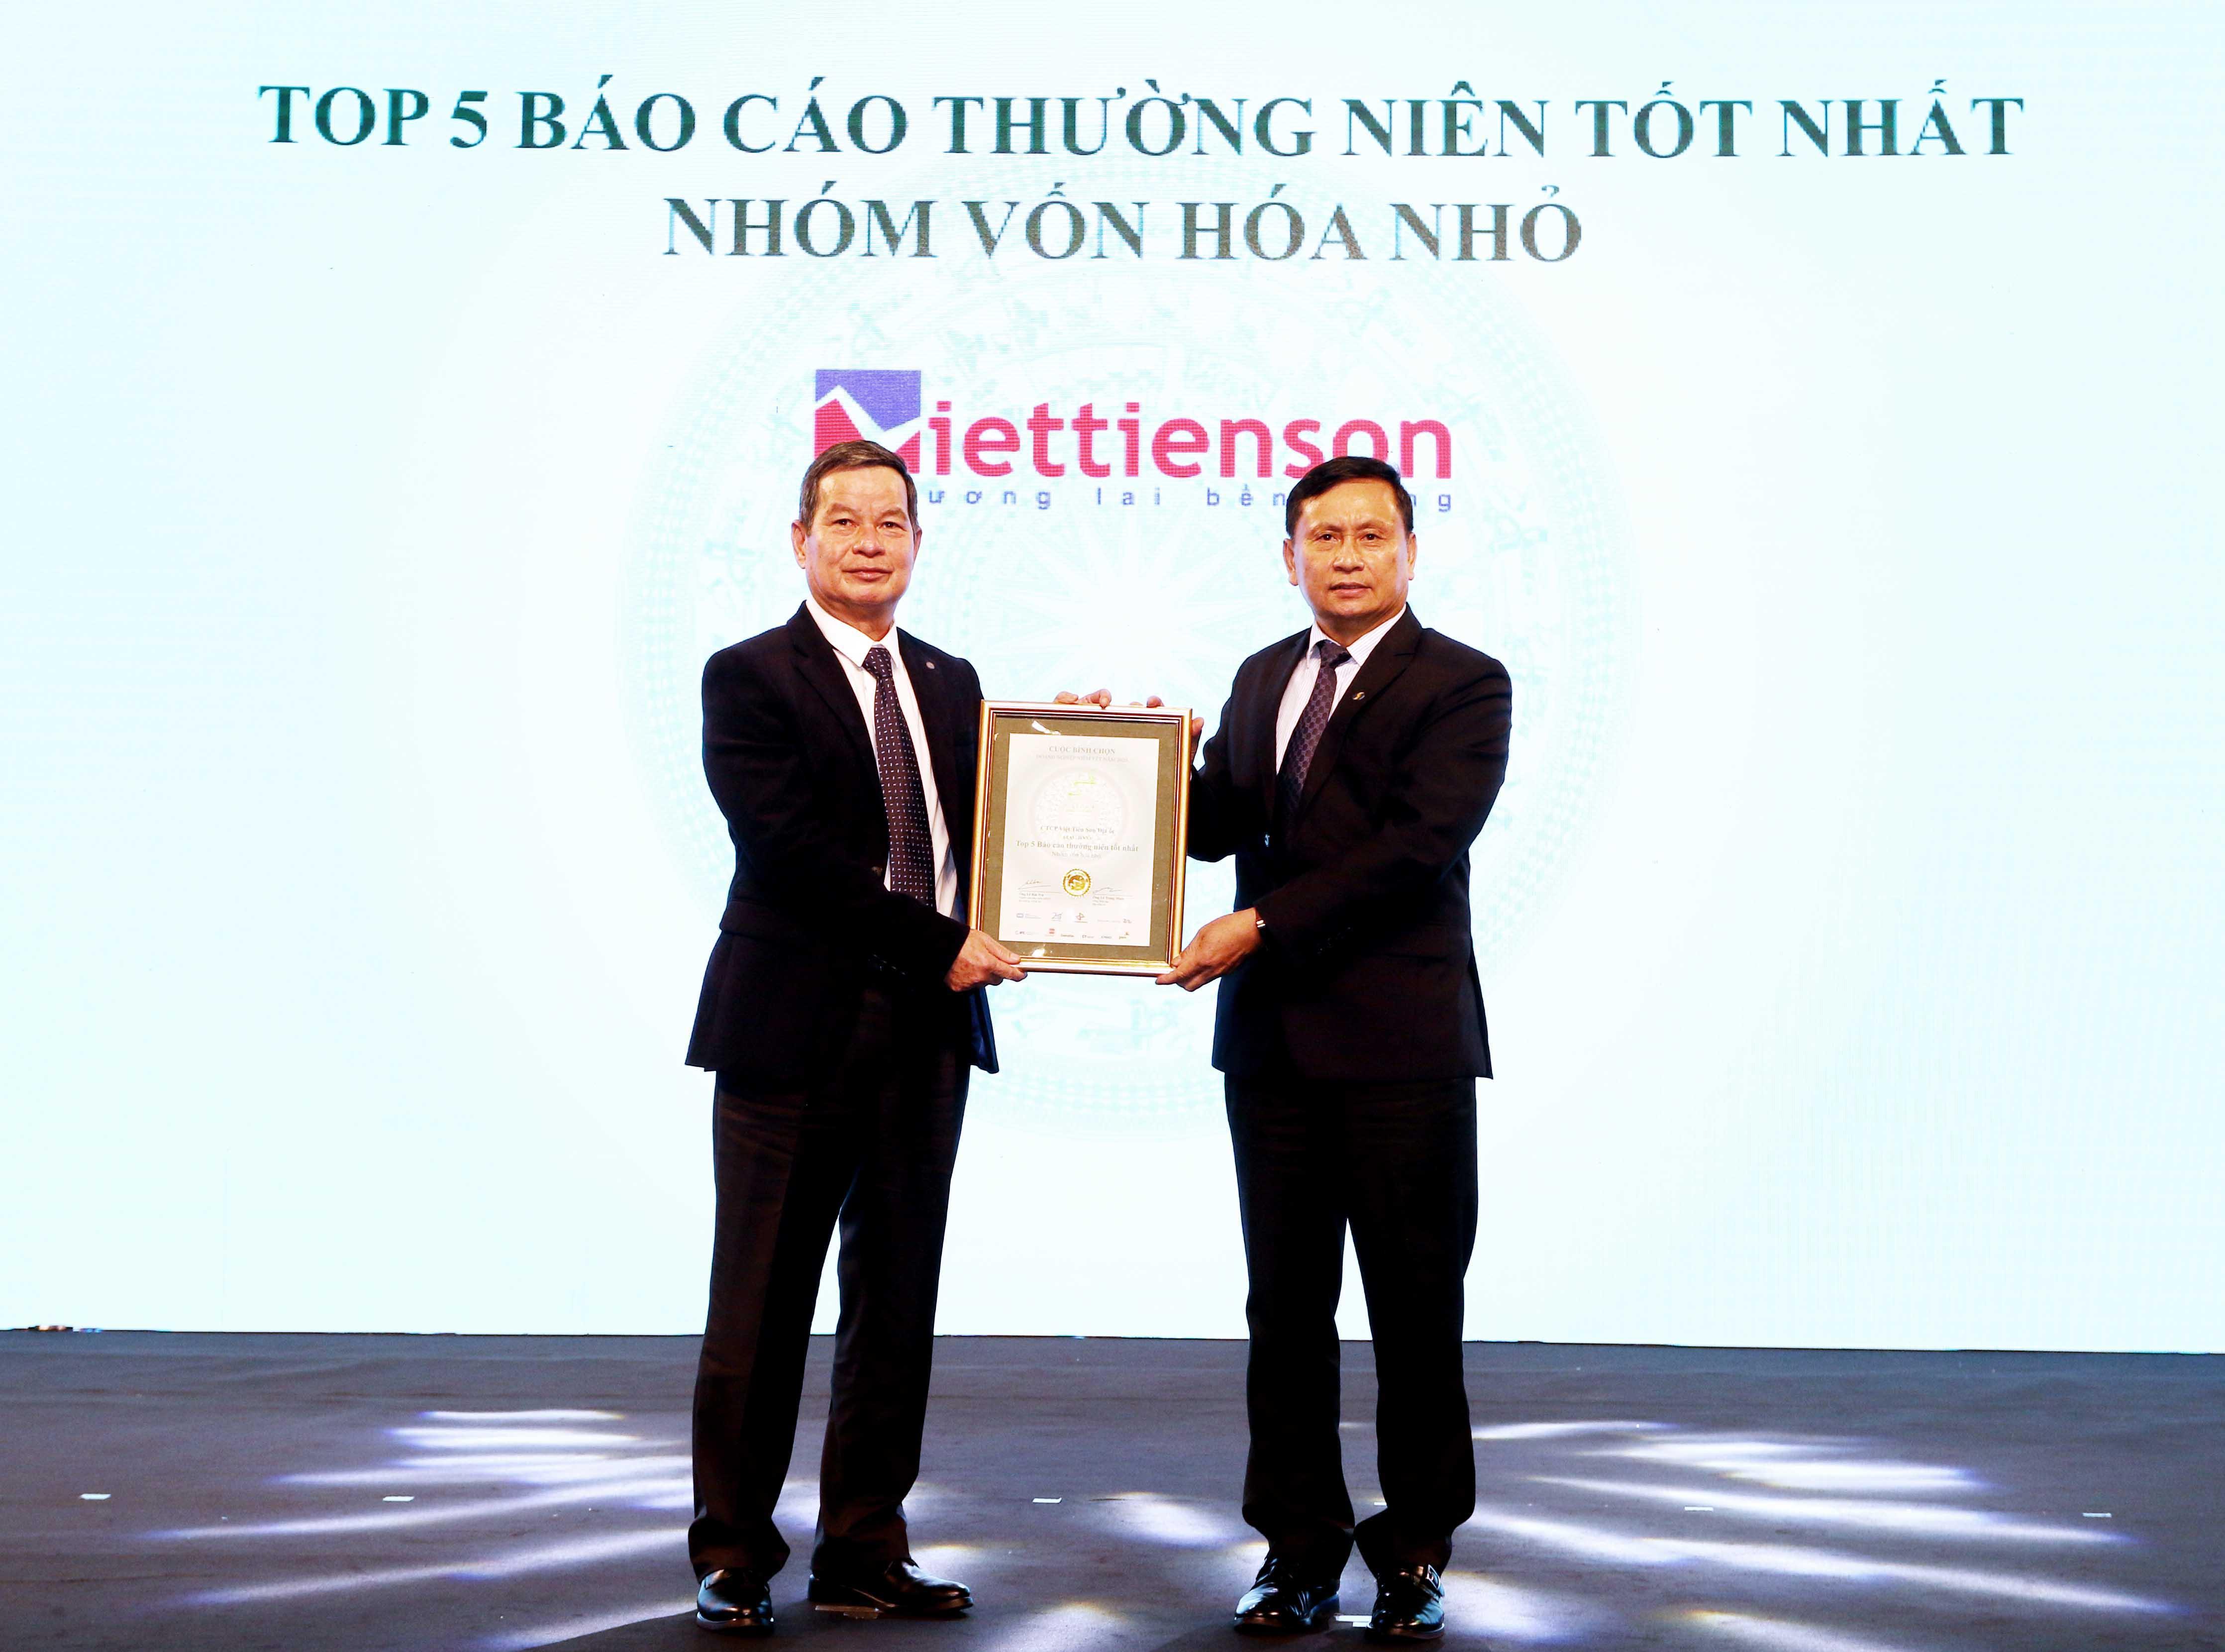 https://www.aravietnam.vn/wp-content/uploads/2020/12/12_Dại-diện-CTCP-Việt-Tiên-Sơn-Dịa-Ốc-TOP-5-DNNY-vốn-hóa-nhỏ-có-BCTN-tốt-nhất.jpg